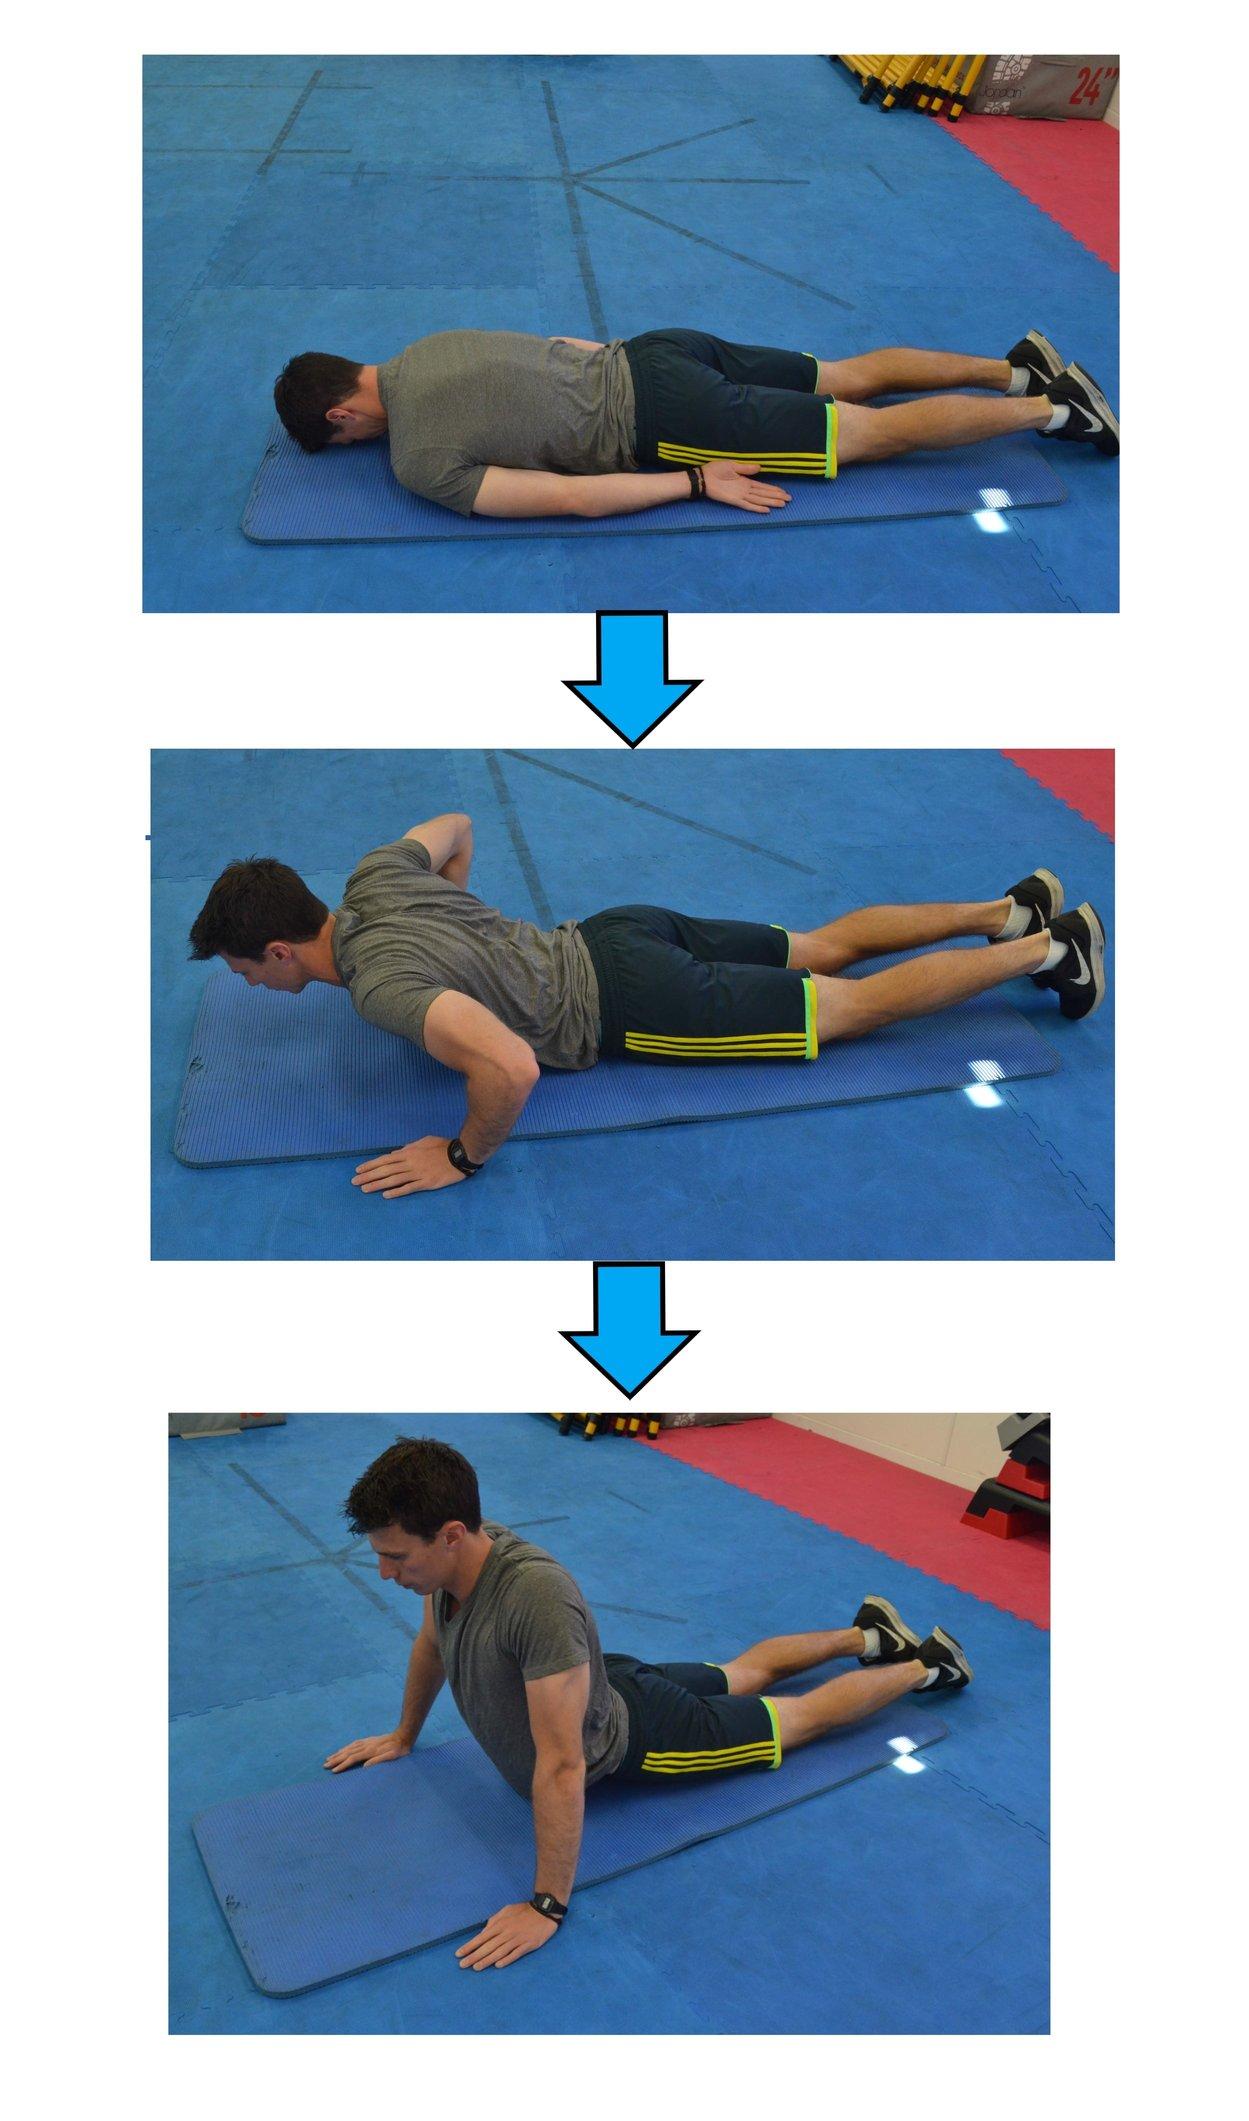 sciatica exercises for sciatica pain relief